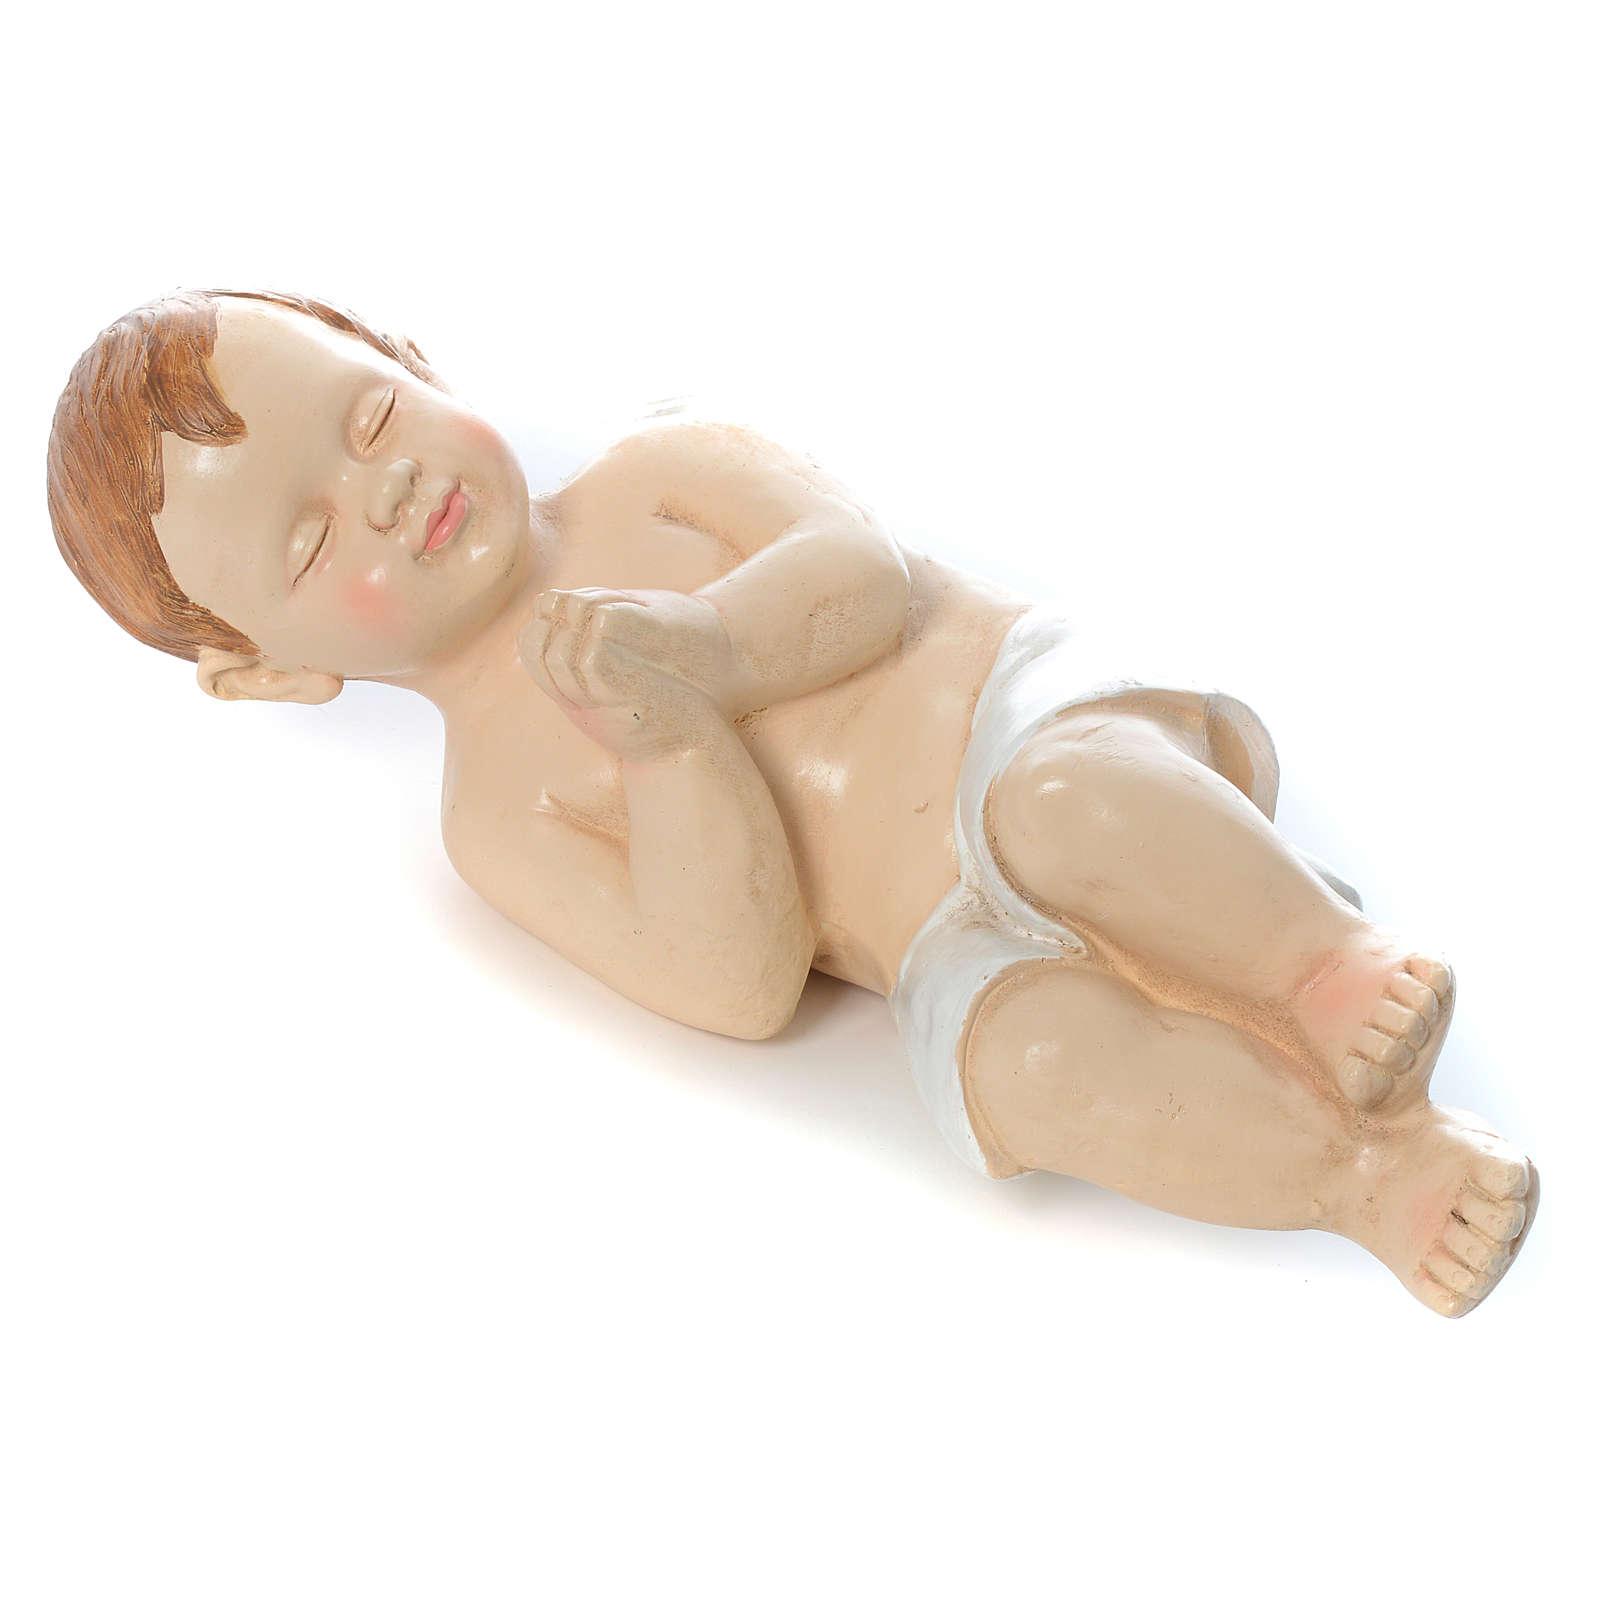 Enfant Jésus 120 cm résine gamme Martino Landi 3